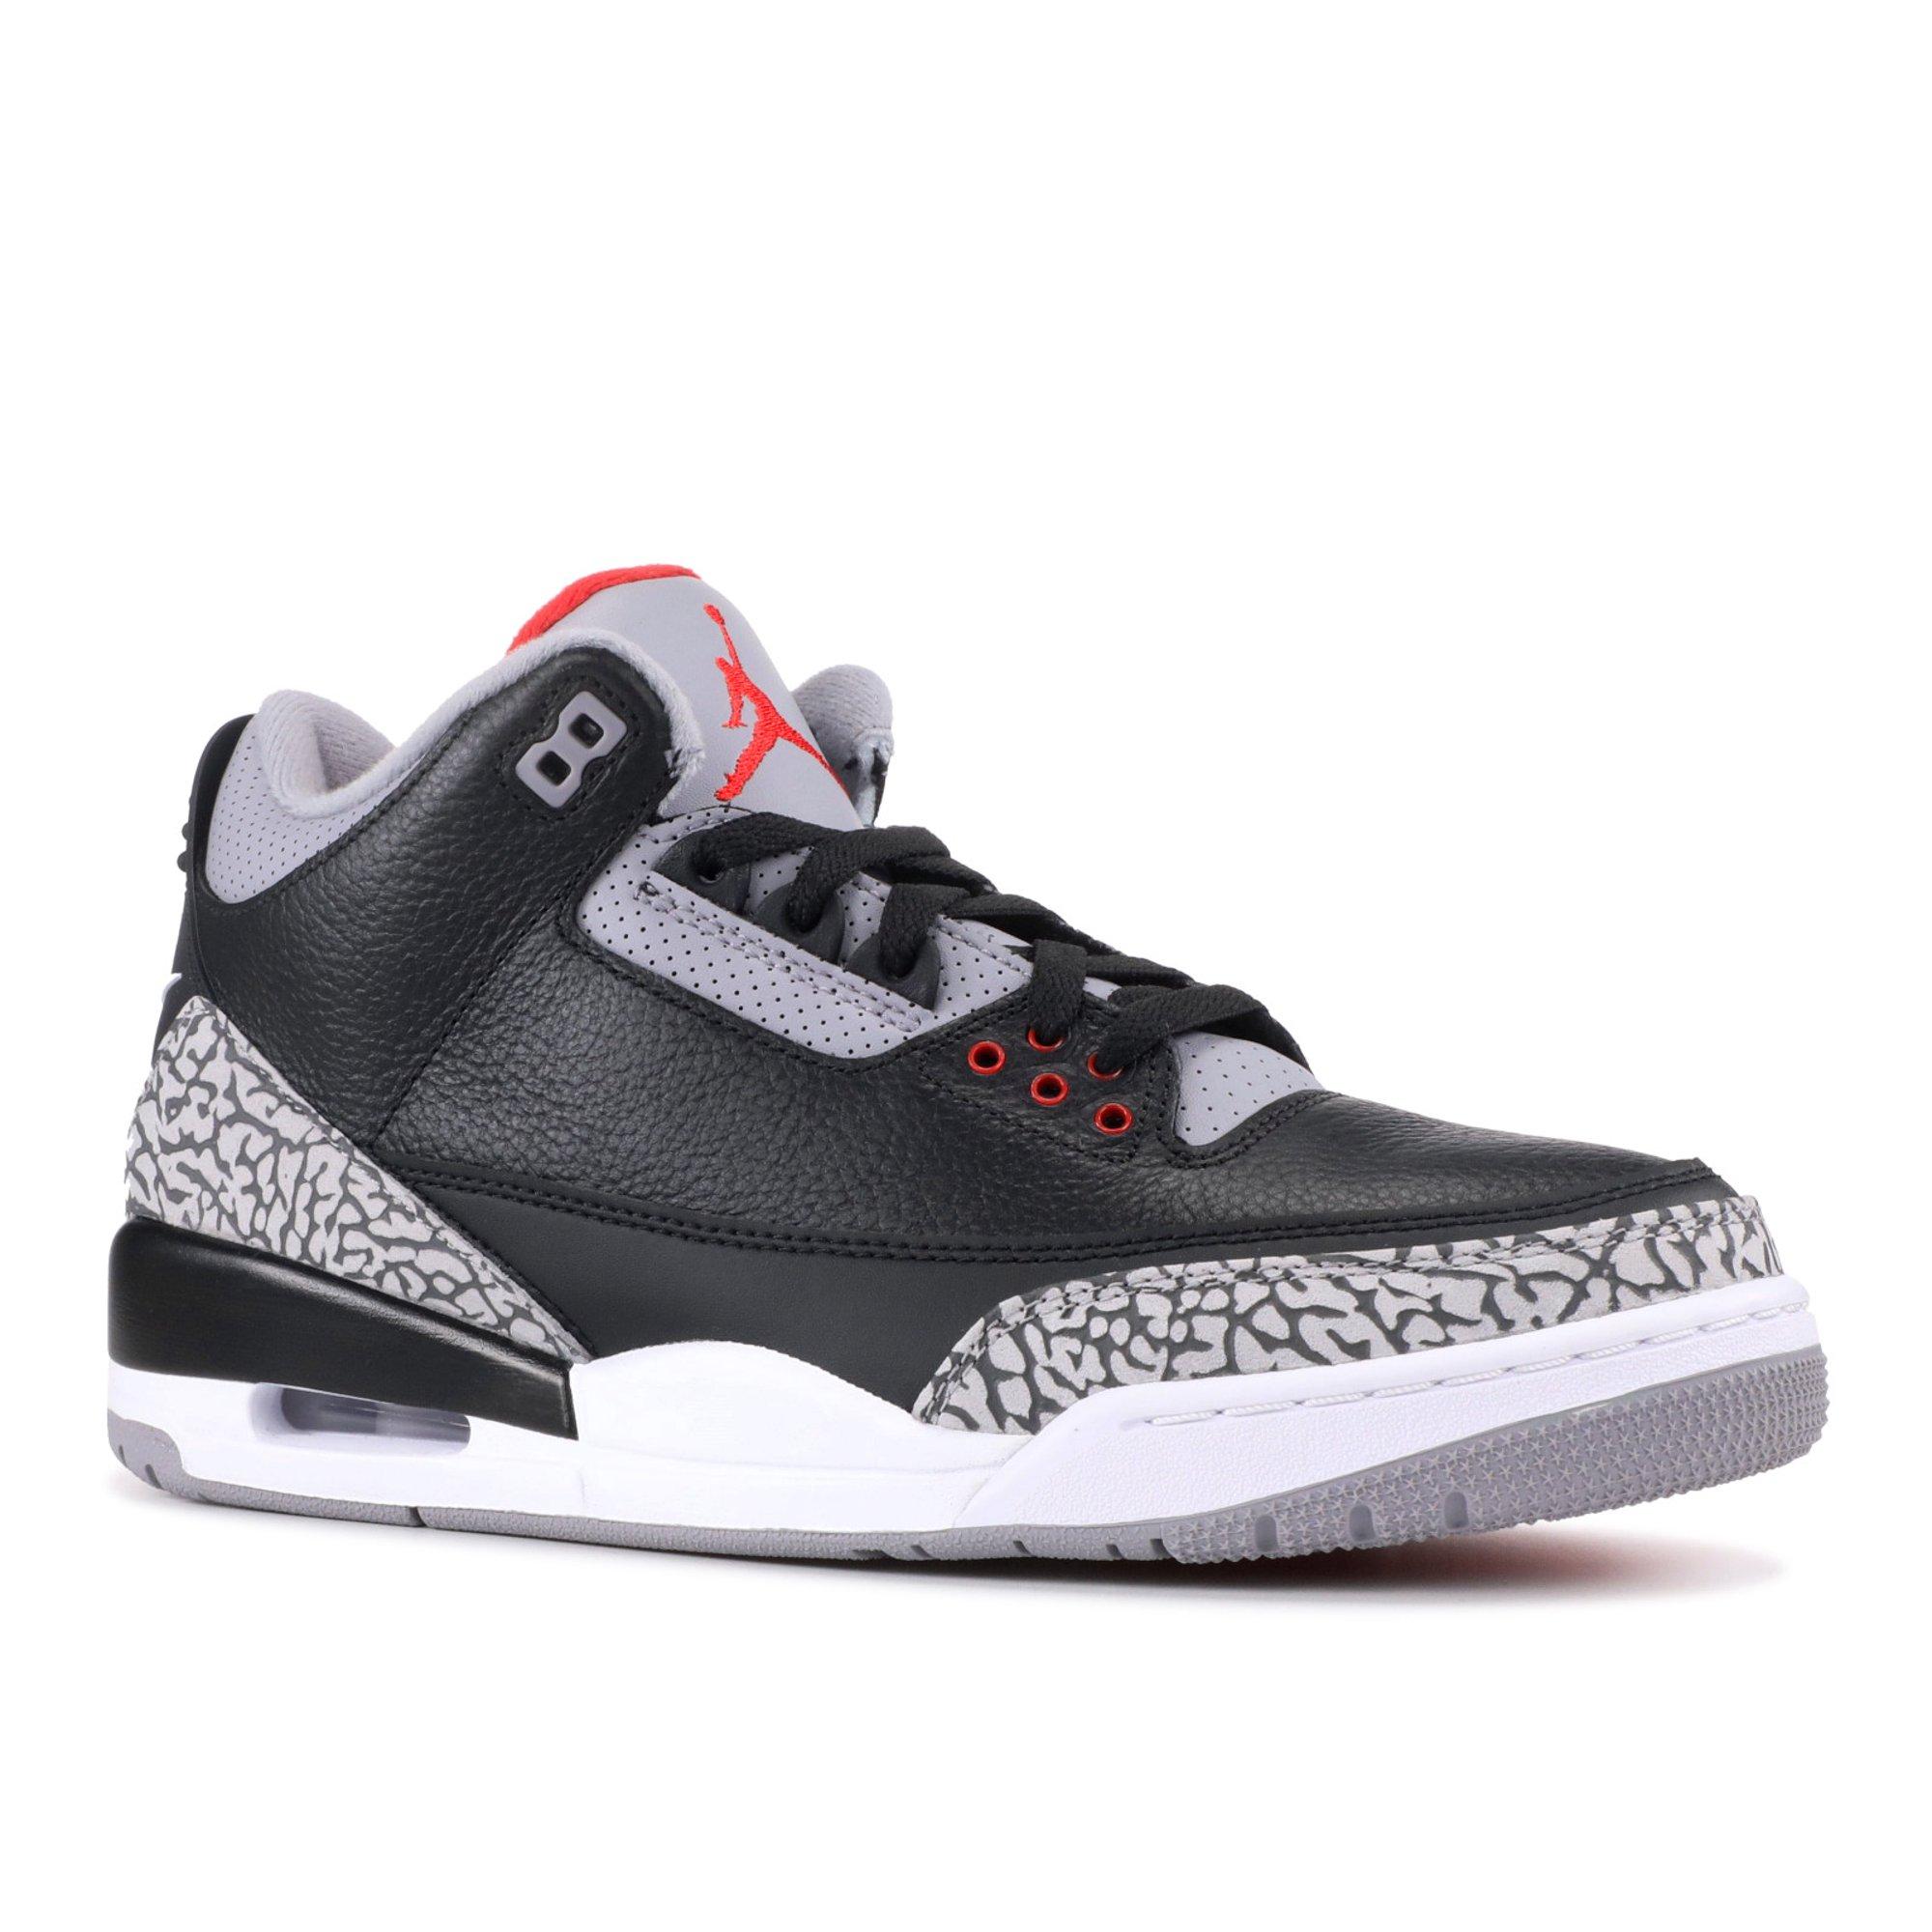 81ccb566e885b6 Air Jordan - Men - Air Jordan 3 Og Retro Og  Black Cement 2018  - 854262-001  - Size 16